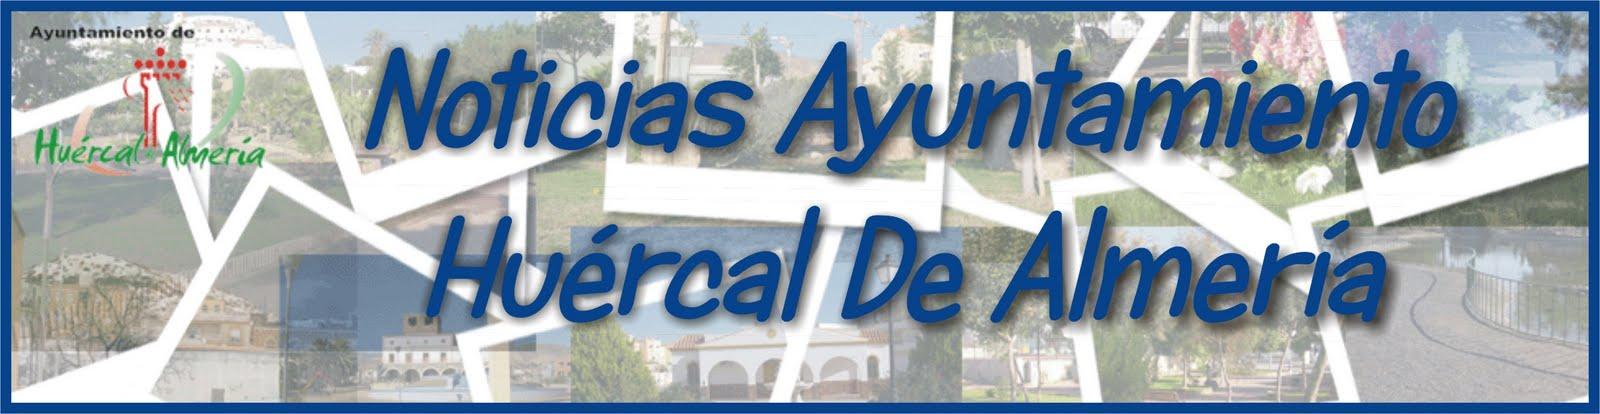 Blog de noticias ayuntamiento Huércal de Almería